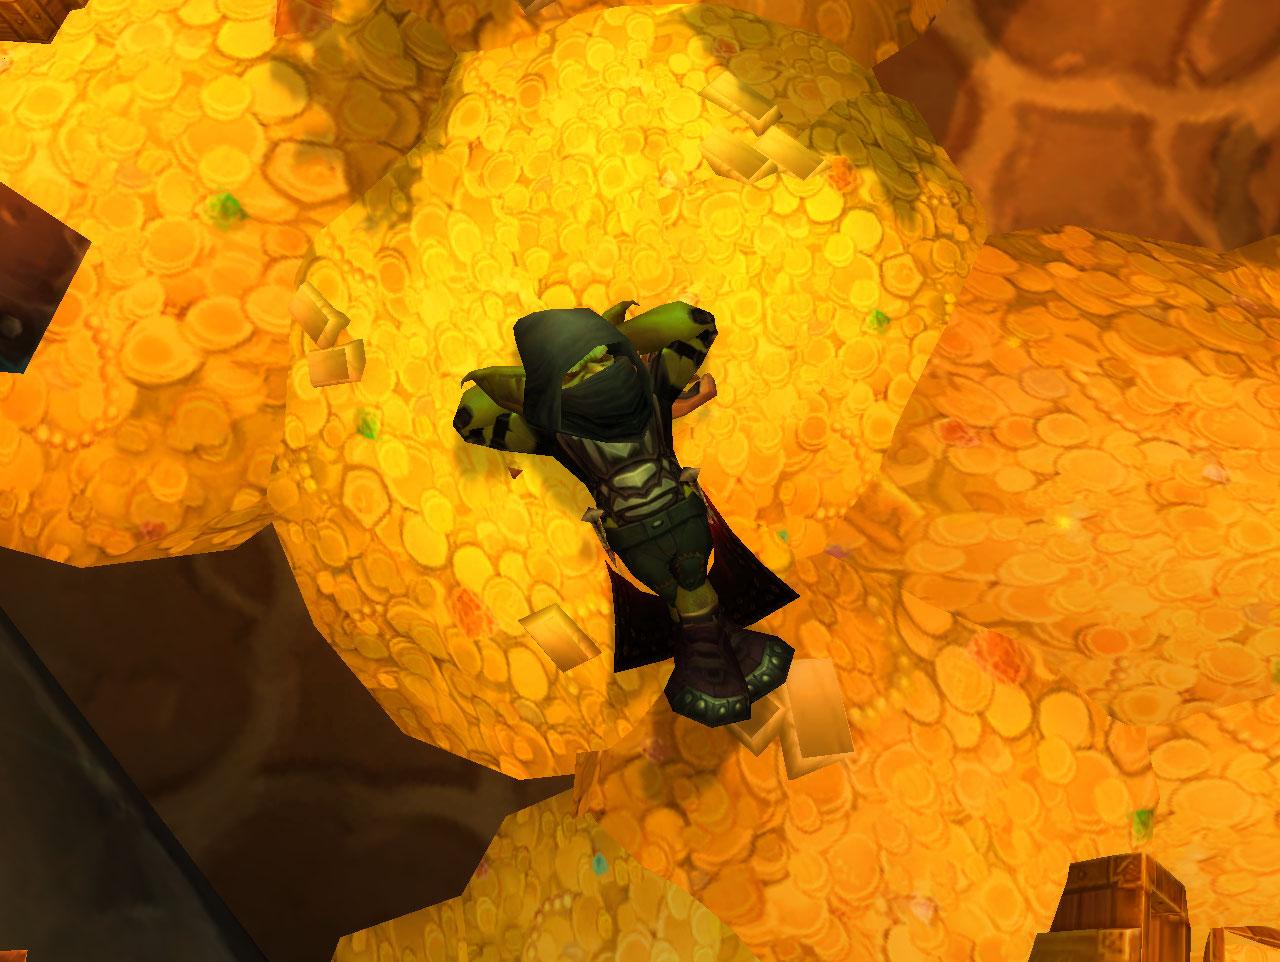 World of Warcraft - Spielgoldwährung hoch im Kurs - Cerealkillerz